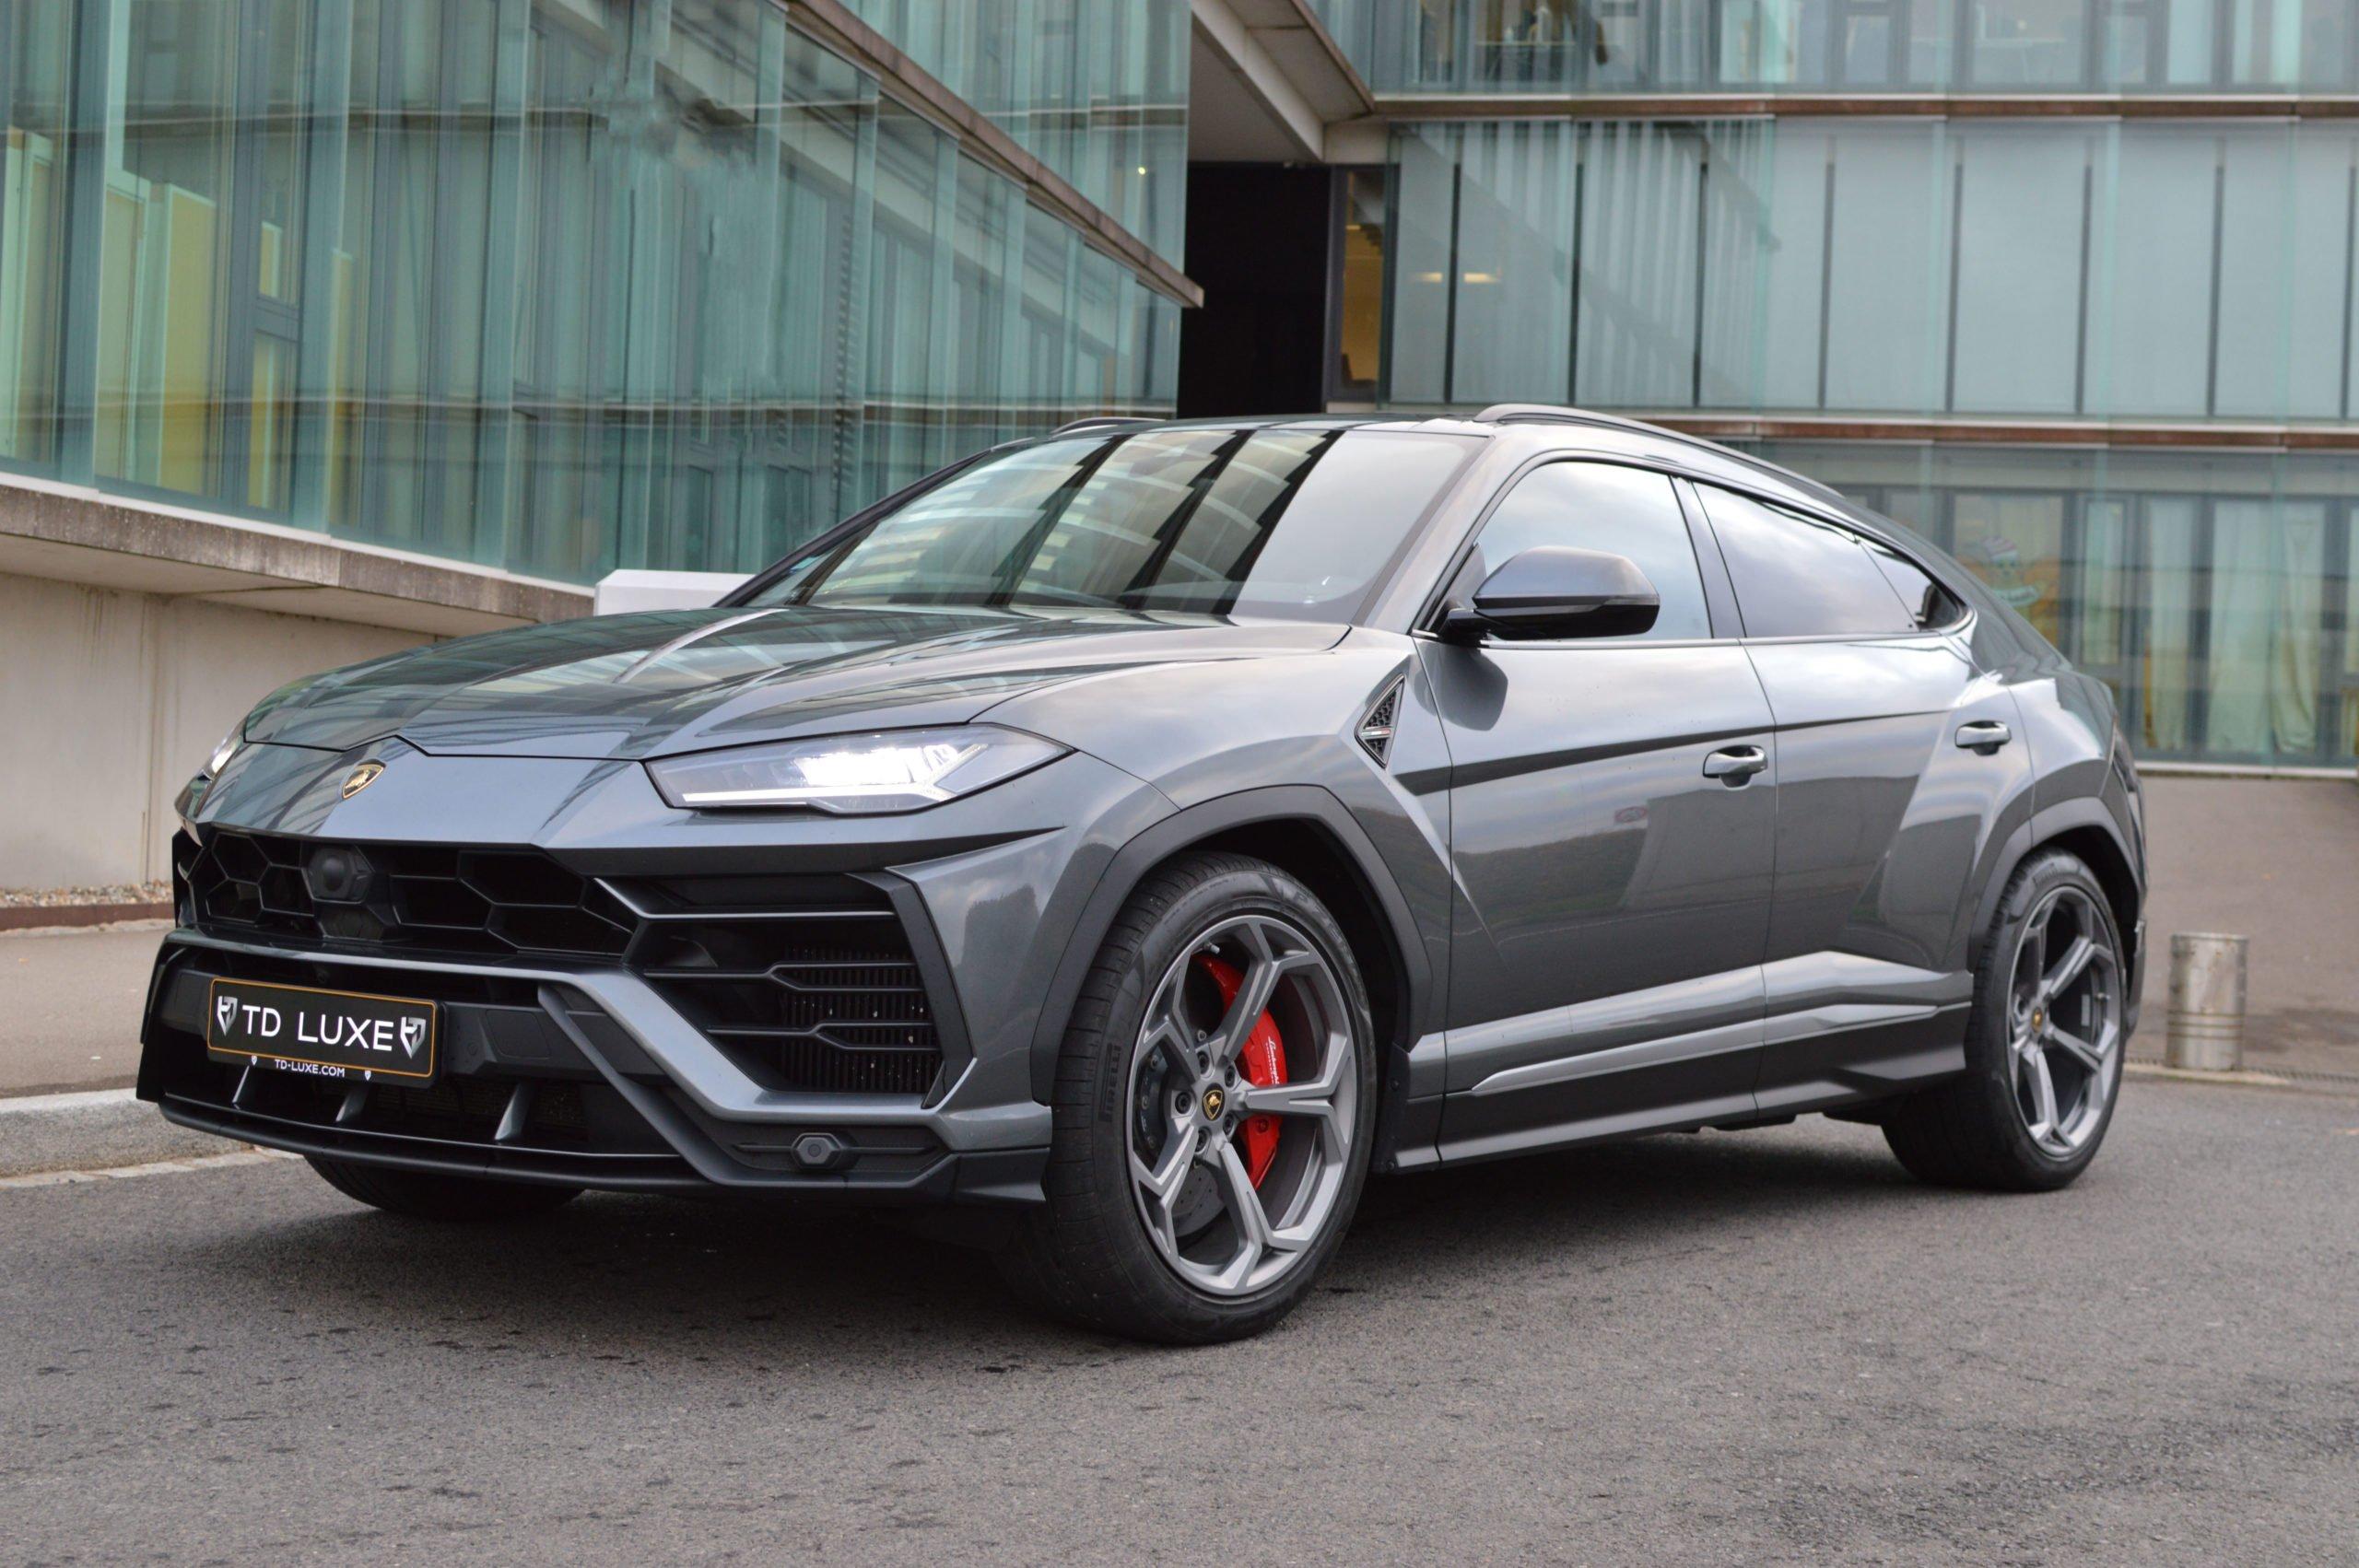 Lamborghini Urus Td Luxe